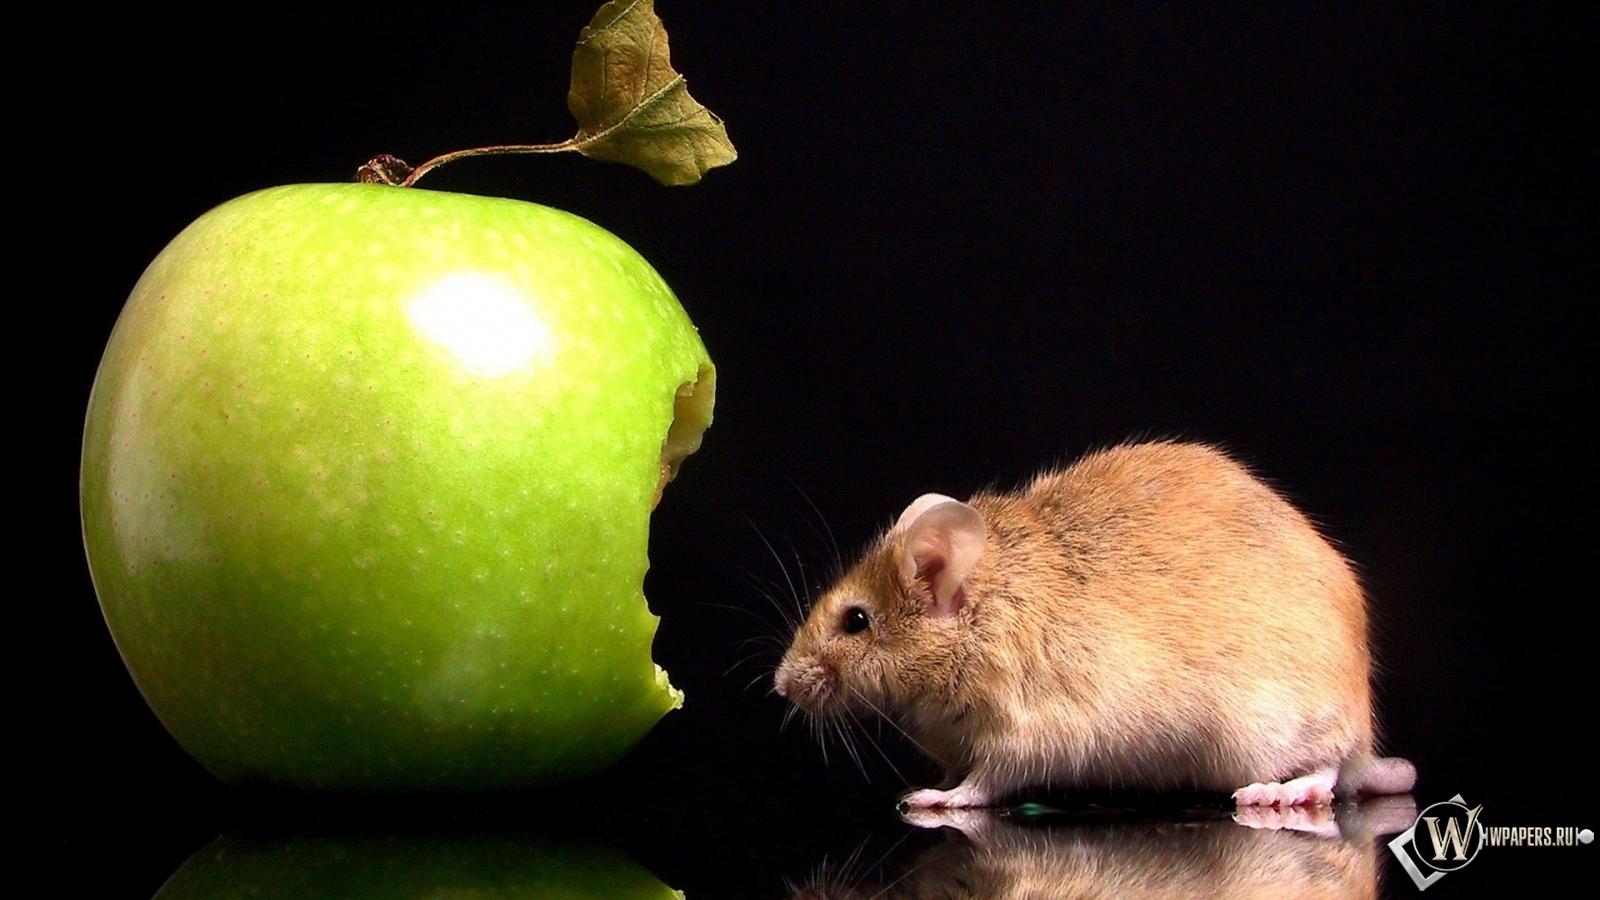 Мышка с яблоком 1600x900